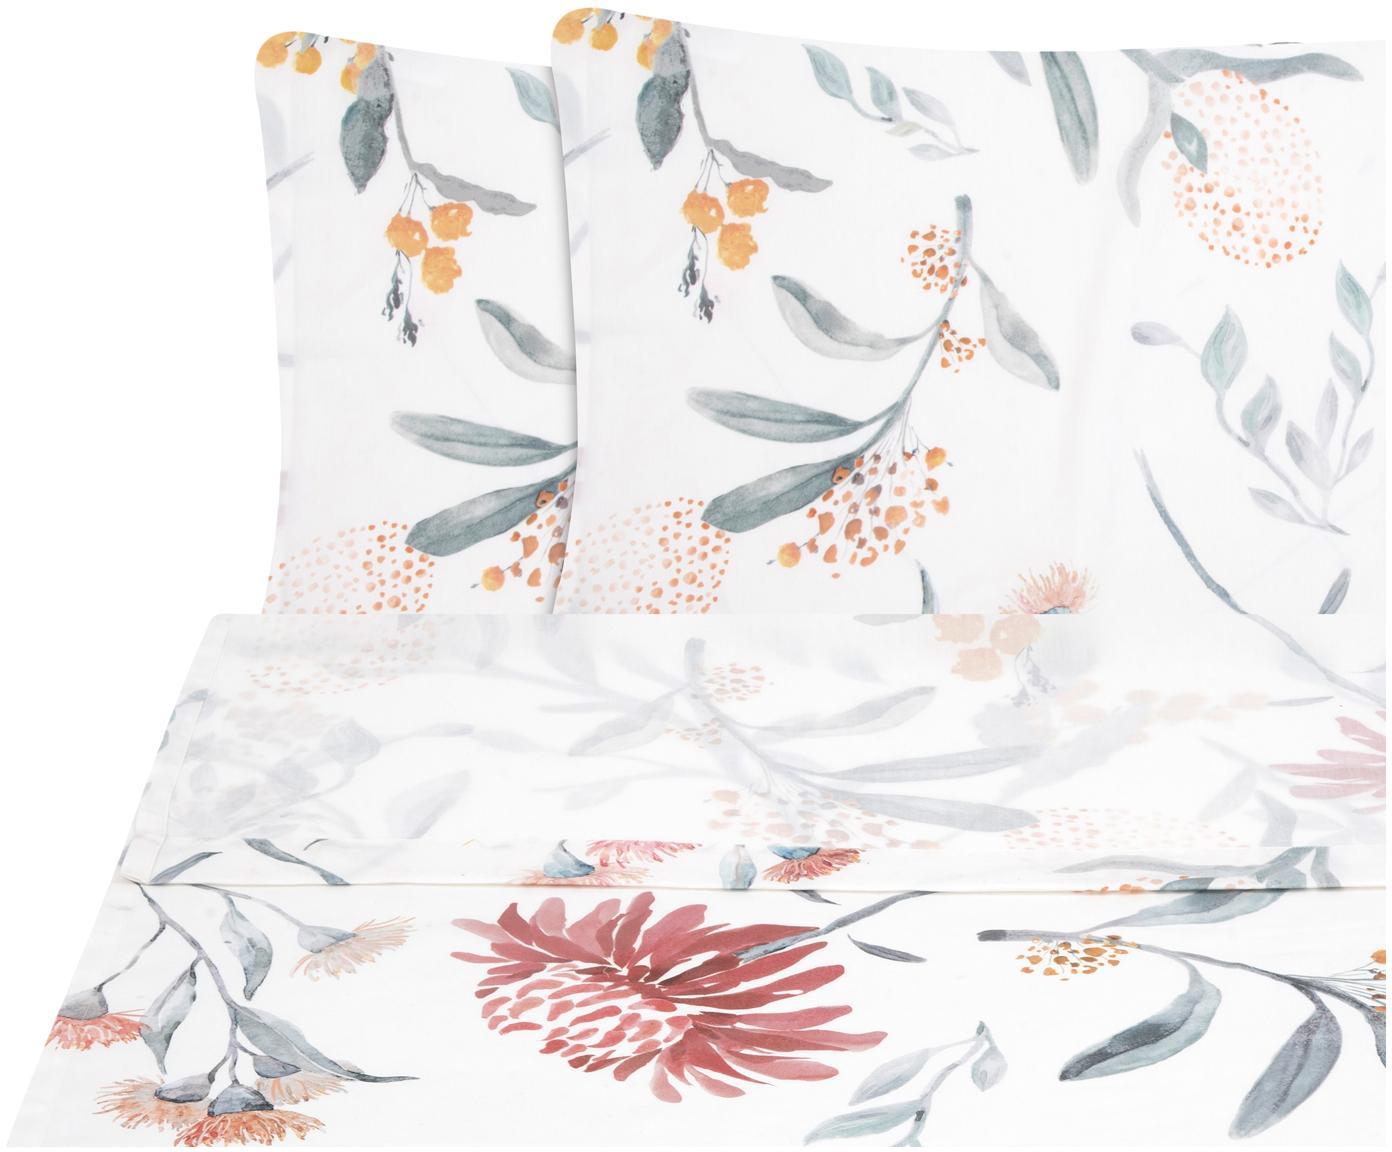 Set lenzuola in raso di cotone Evie 2 pz, Tessuto: raso Densità del filo 210, Stampa floreale, bianco, 240 x 300 cm